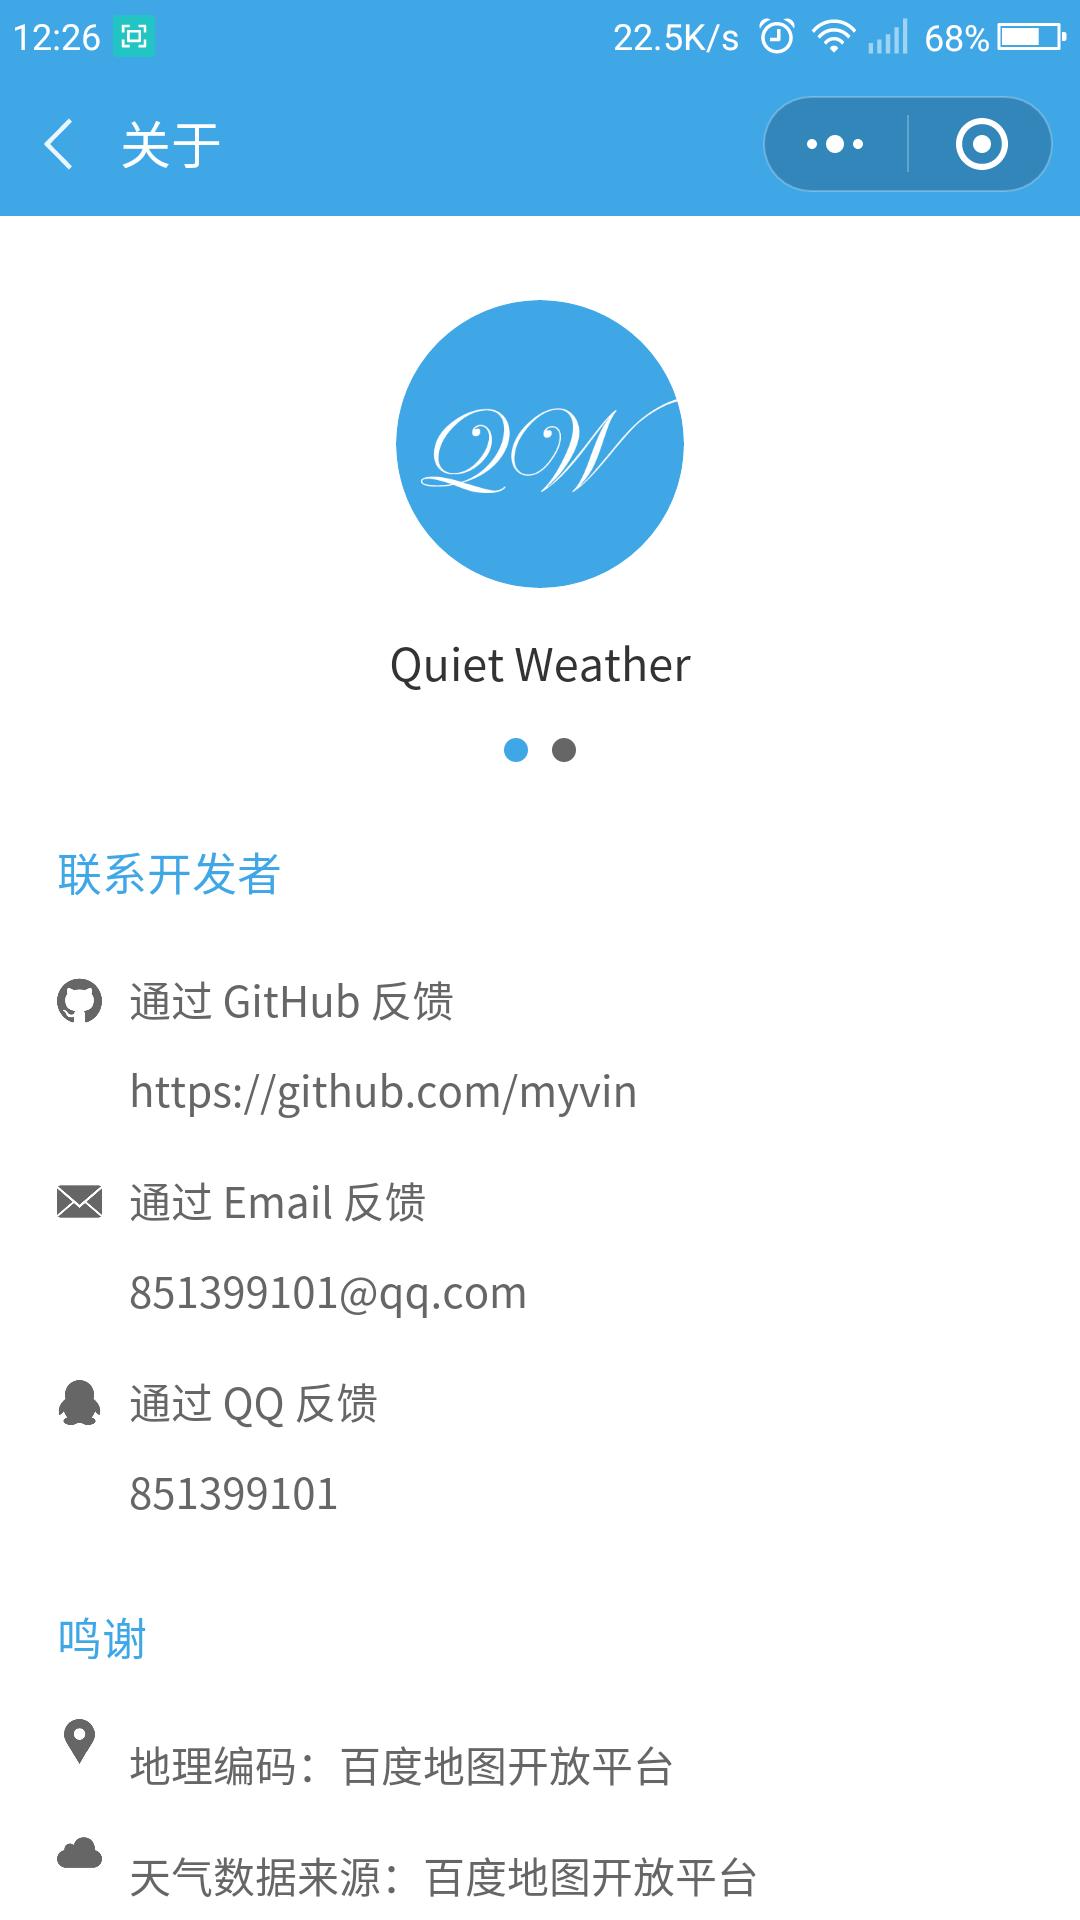 QuietWeather